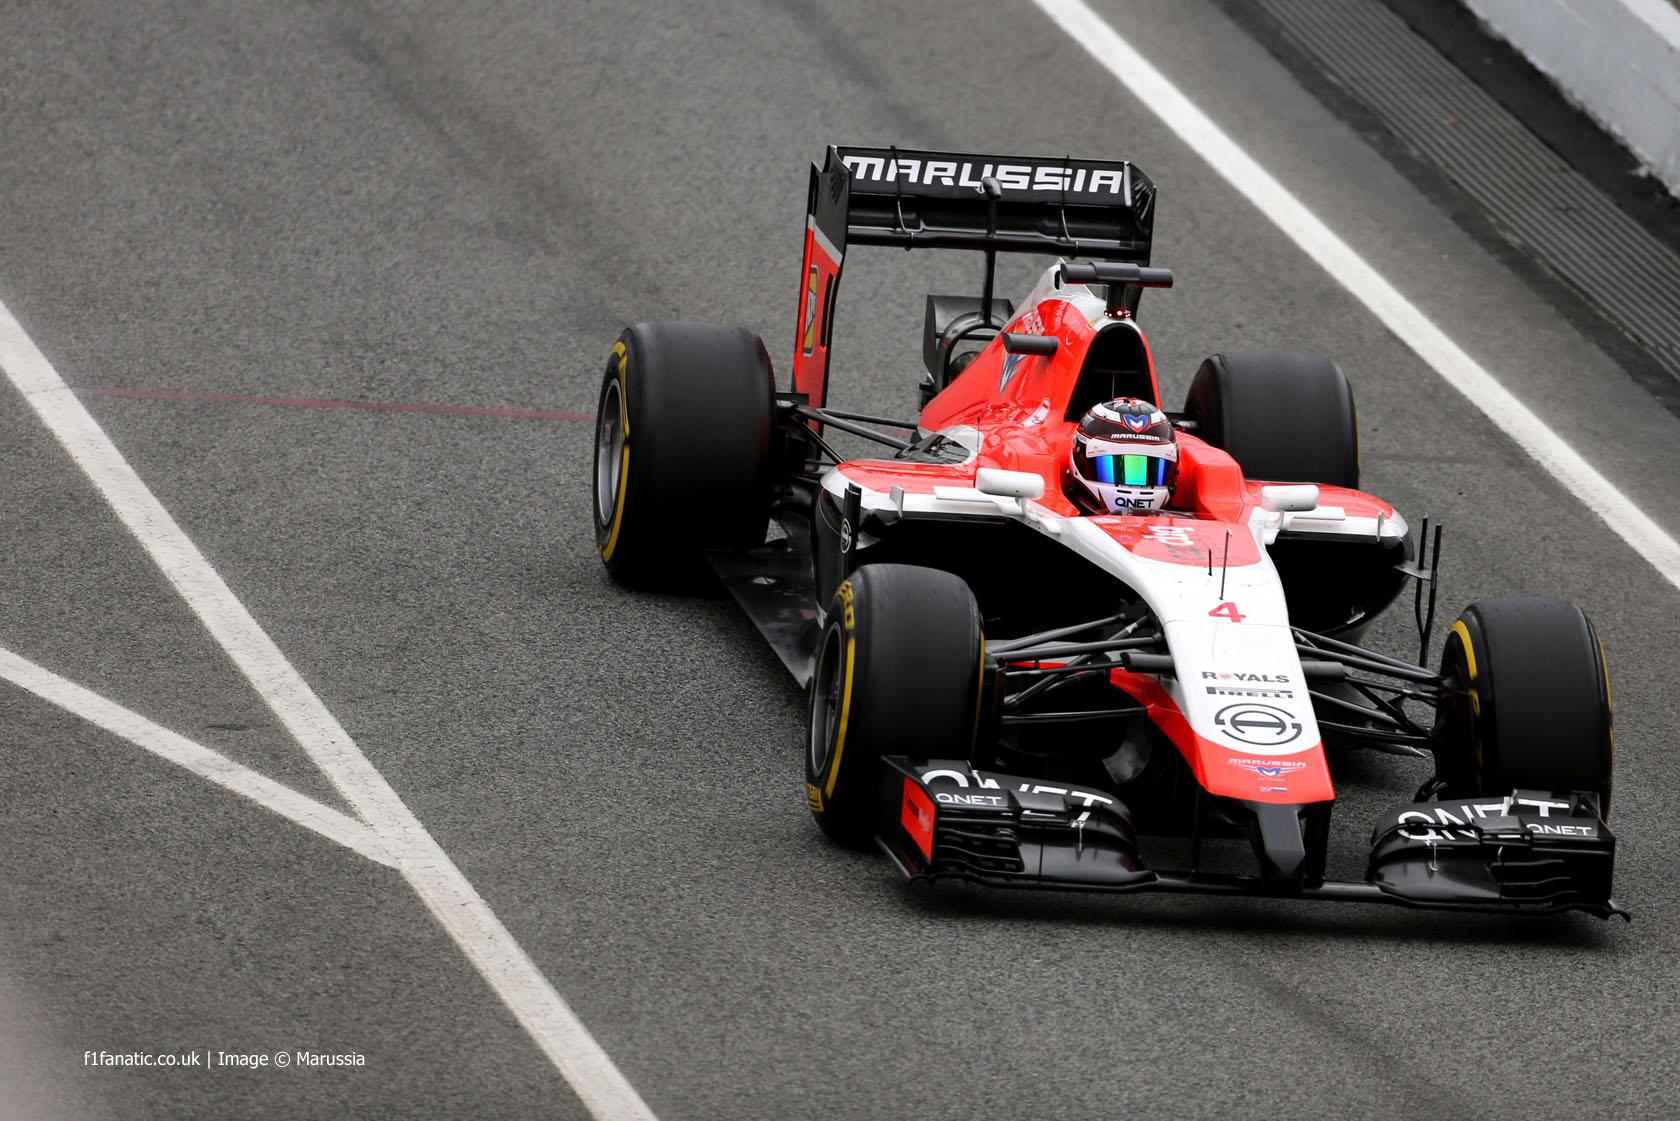 Max Chilton, Marussia, Circuit de Catalunya, 2014